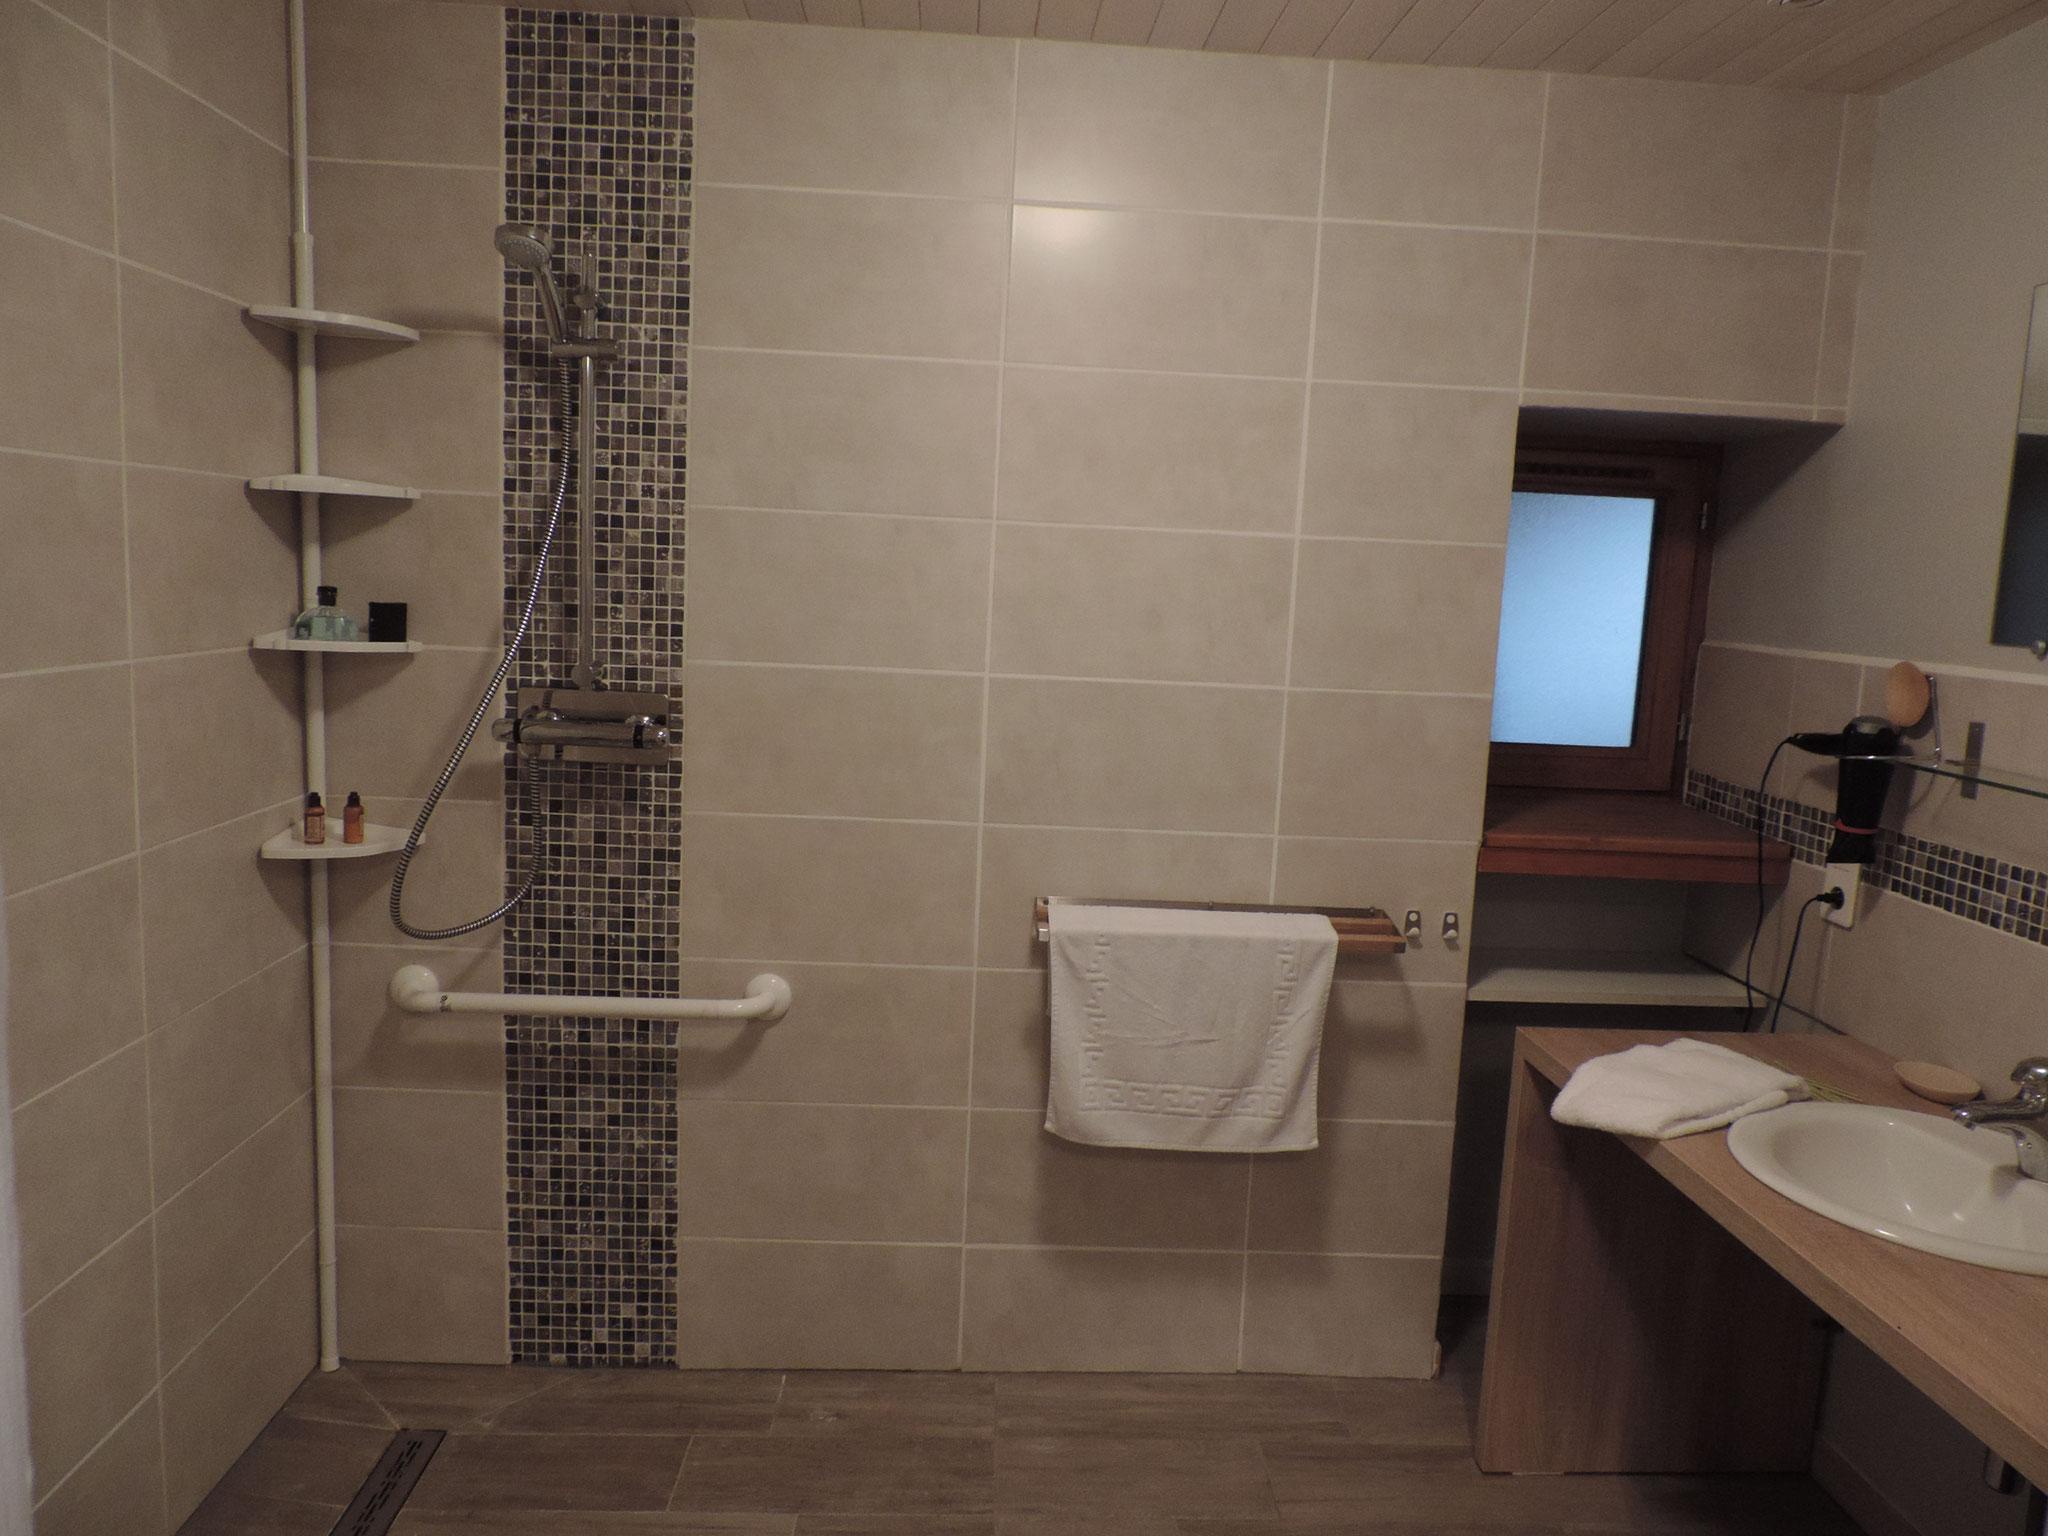 wc - salle de bain chambre mazotte